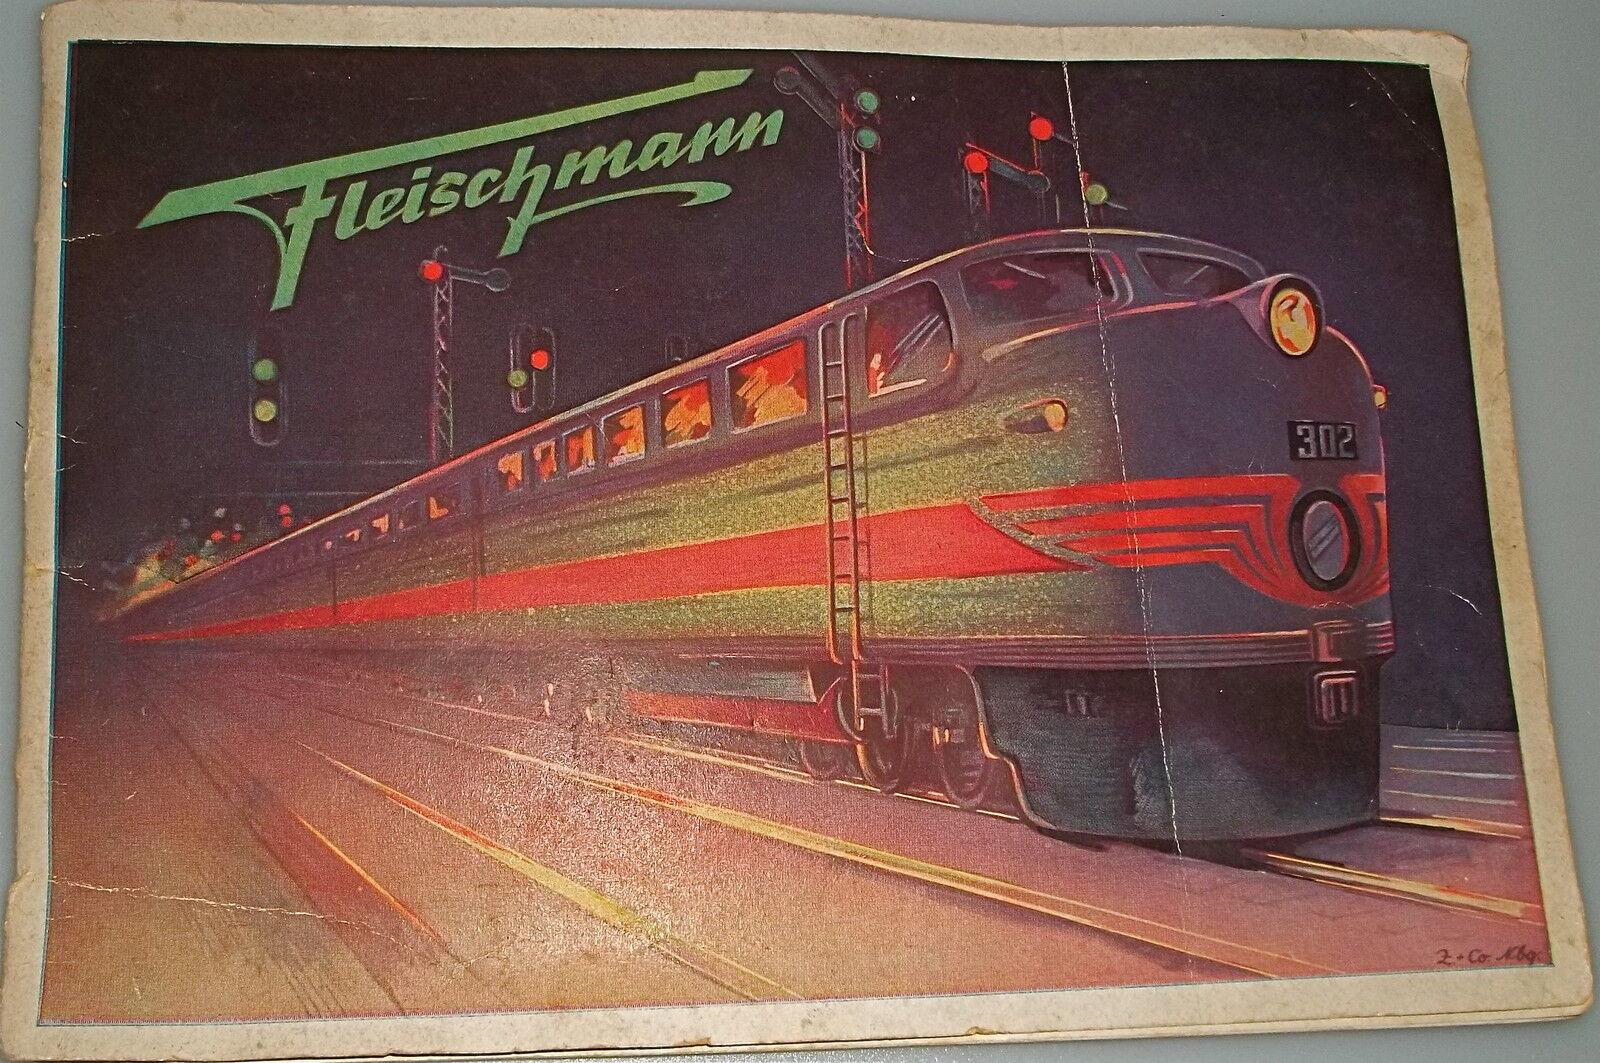 Fleischmann catalogo 1951 USATO completamente matita voci legame Å